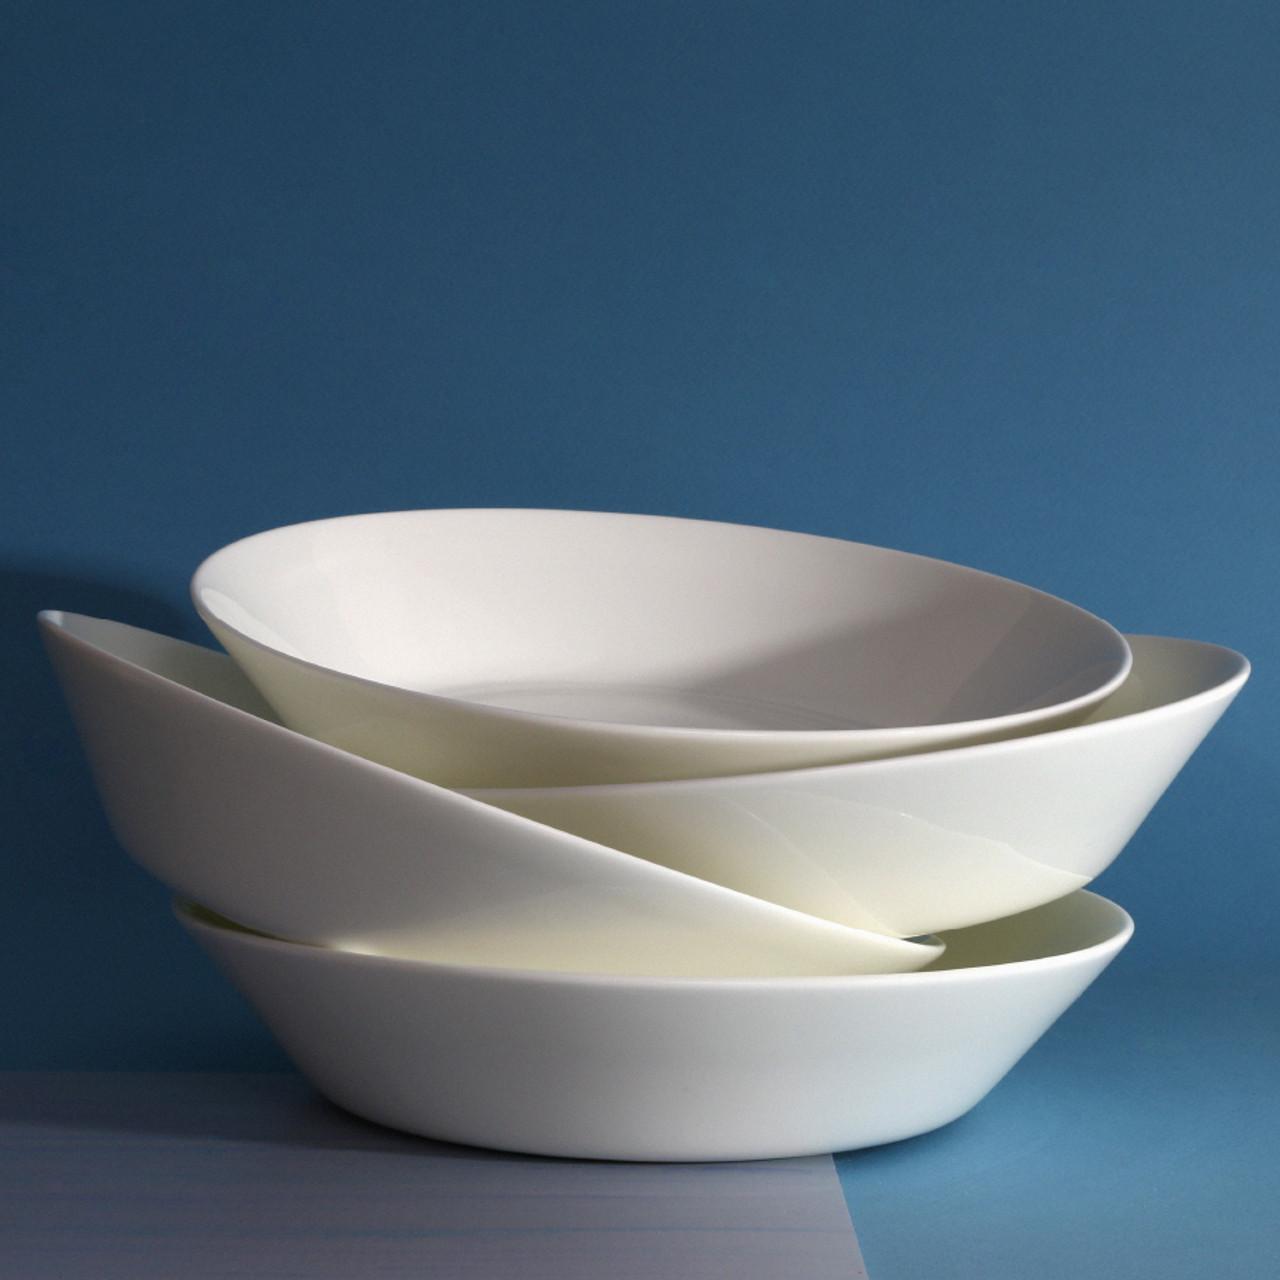 lotus pasta bowl 4 piece set